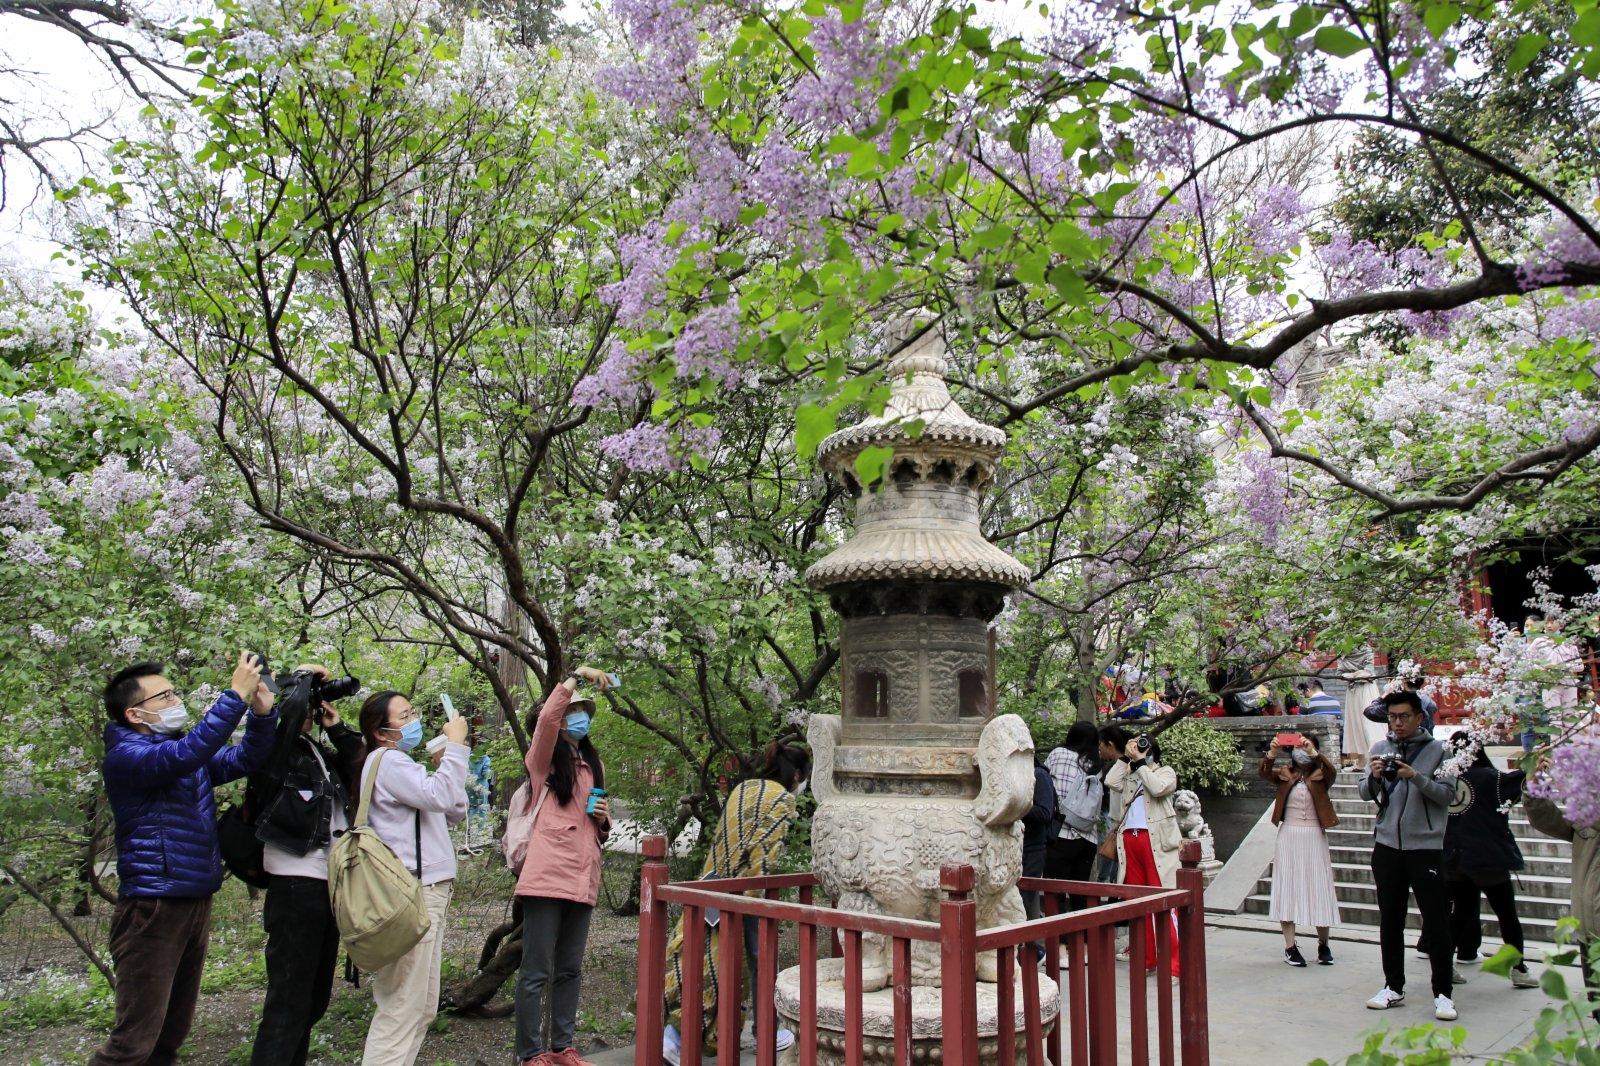 4月11日,遊客在北京法源寺拍攝盛開的丁香花。(新華社)